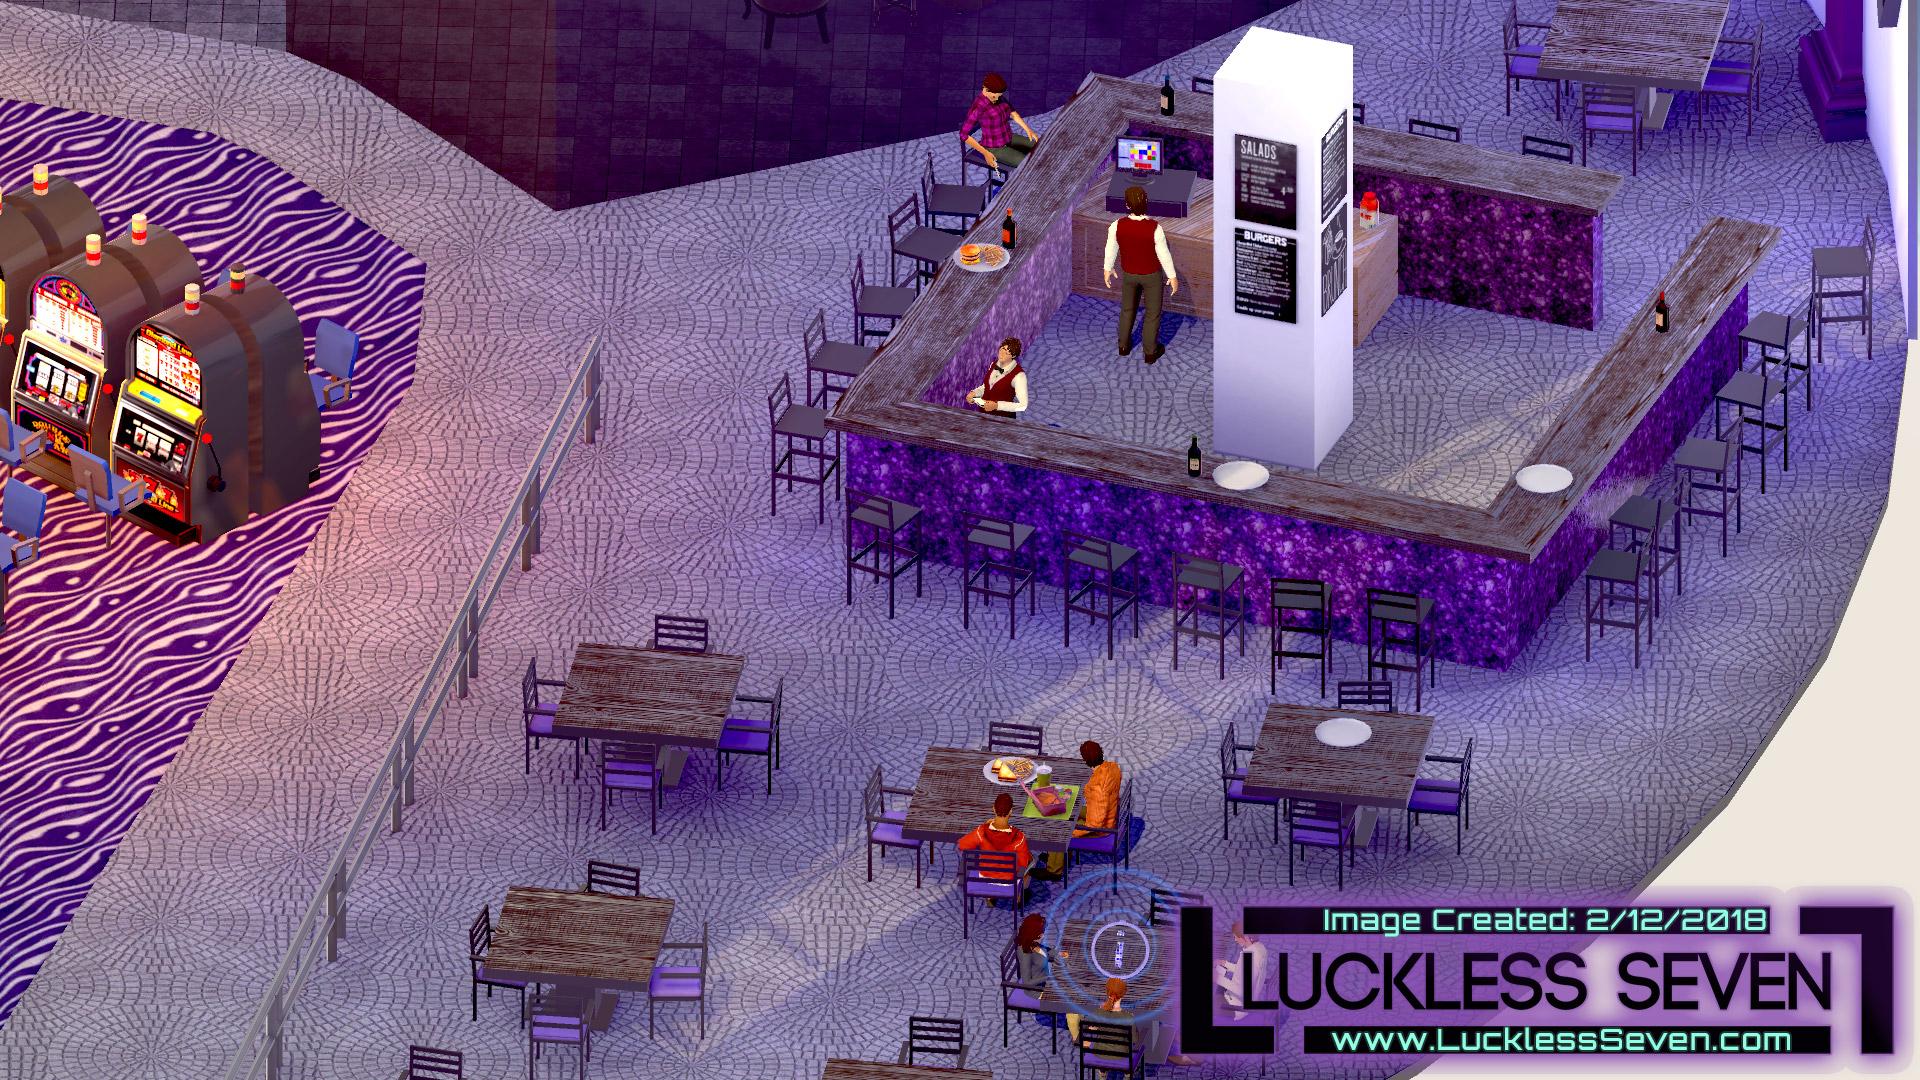 Luckless Seven Amethyst Casino I 2